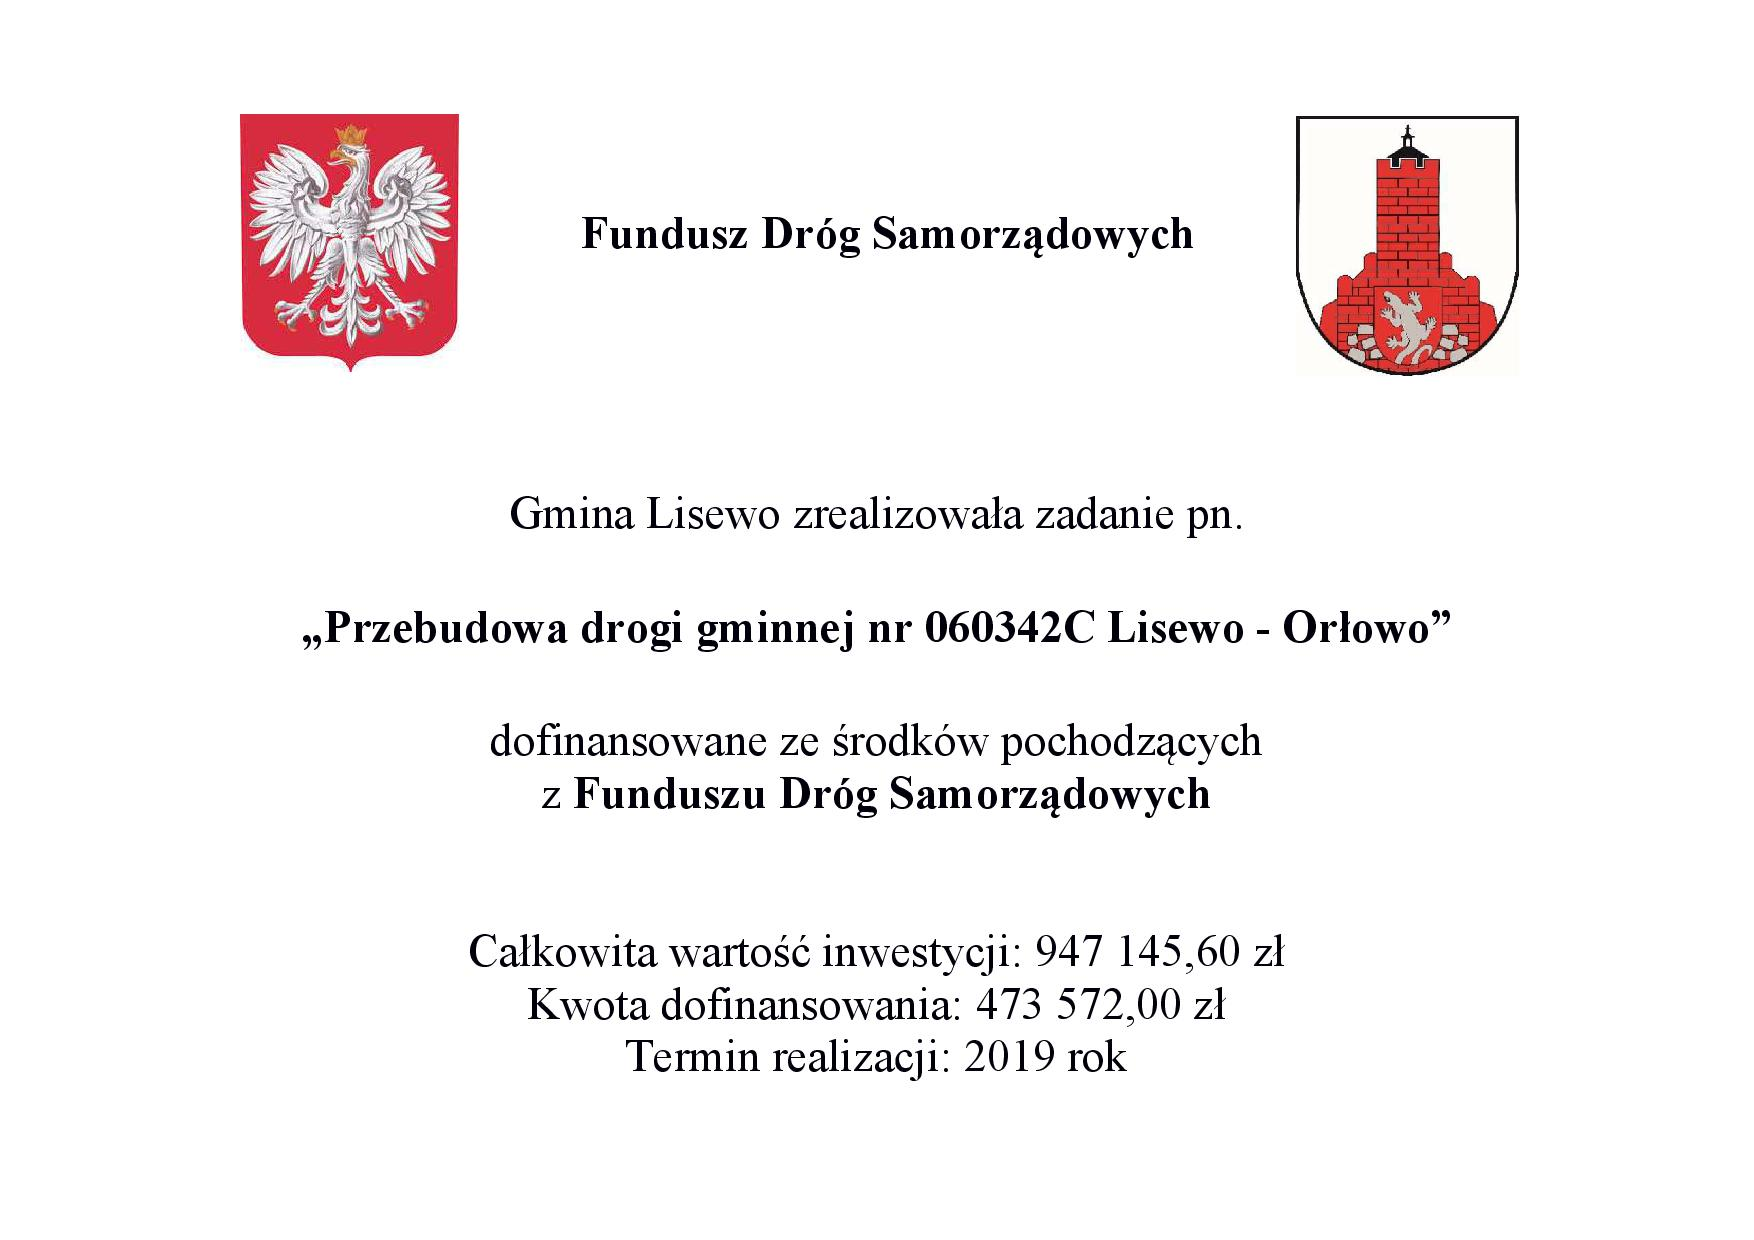 Tablica informacyjna dotycząca dofinansowania przebudowy drogi Lisewo - Orłowo